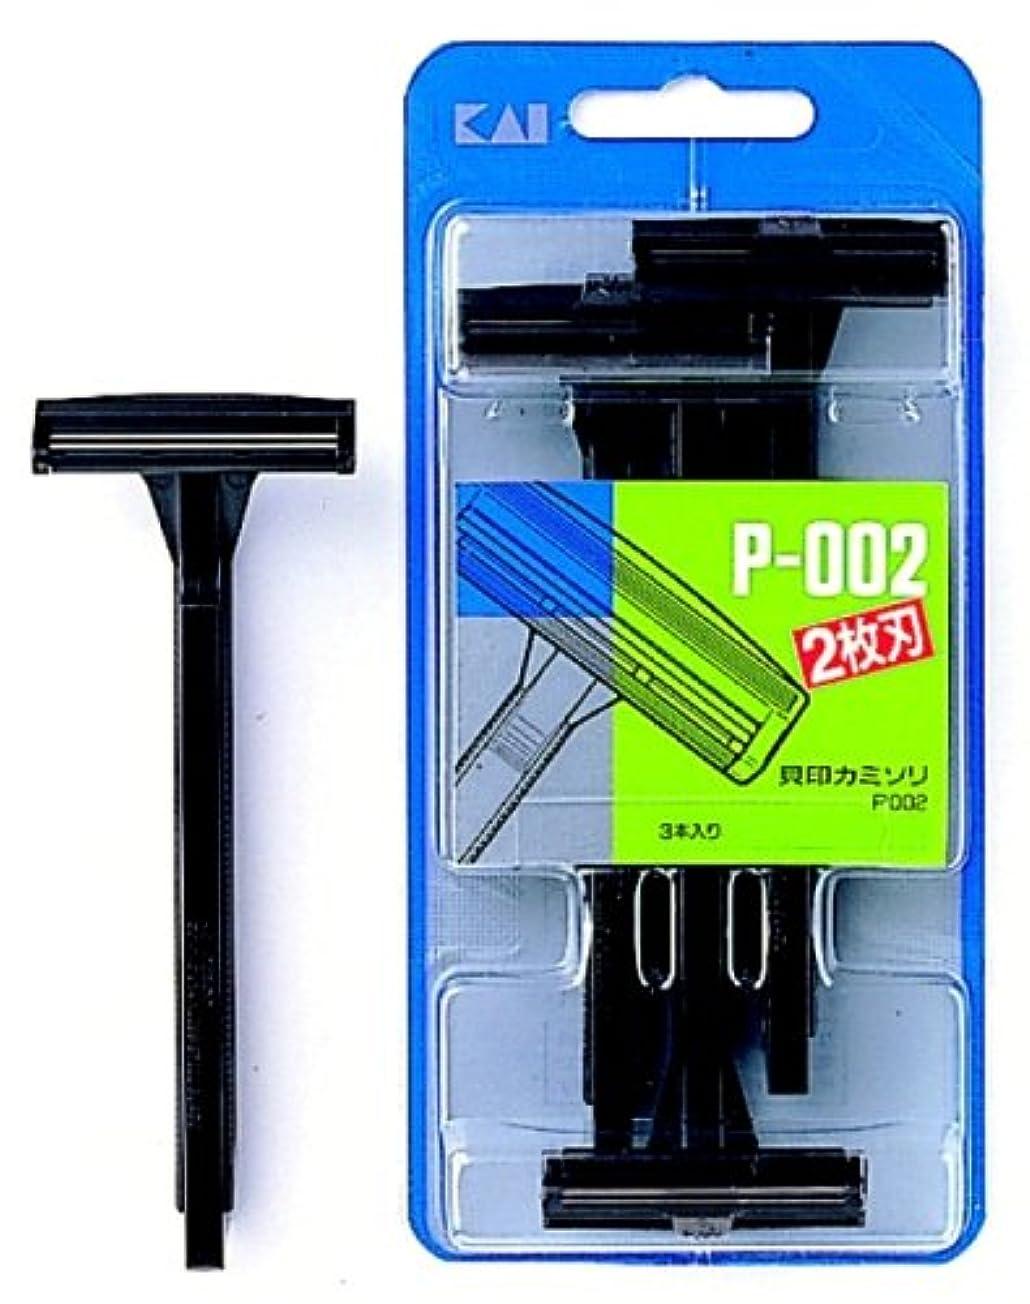 以上銅障害カミソリ P002 P002-3B